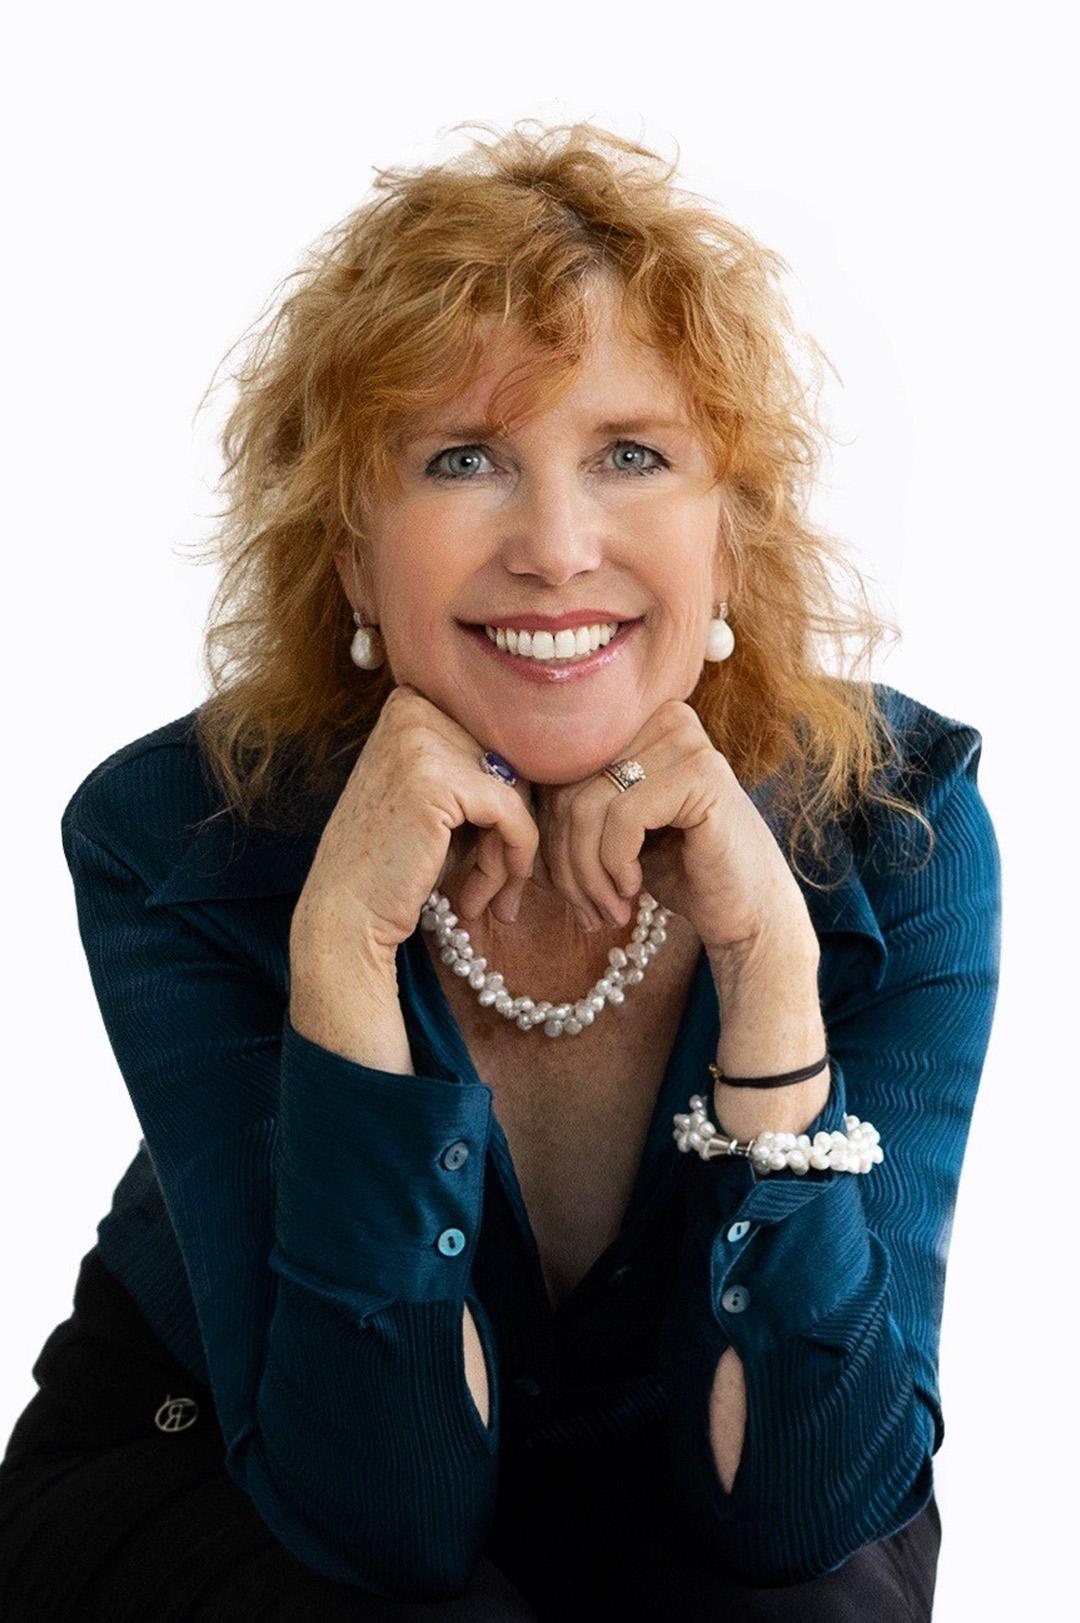 Julie Durkee